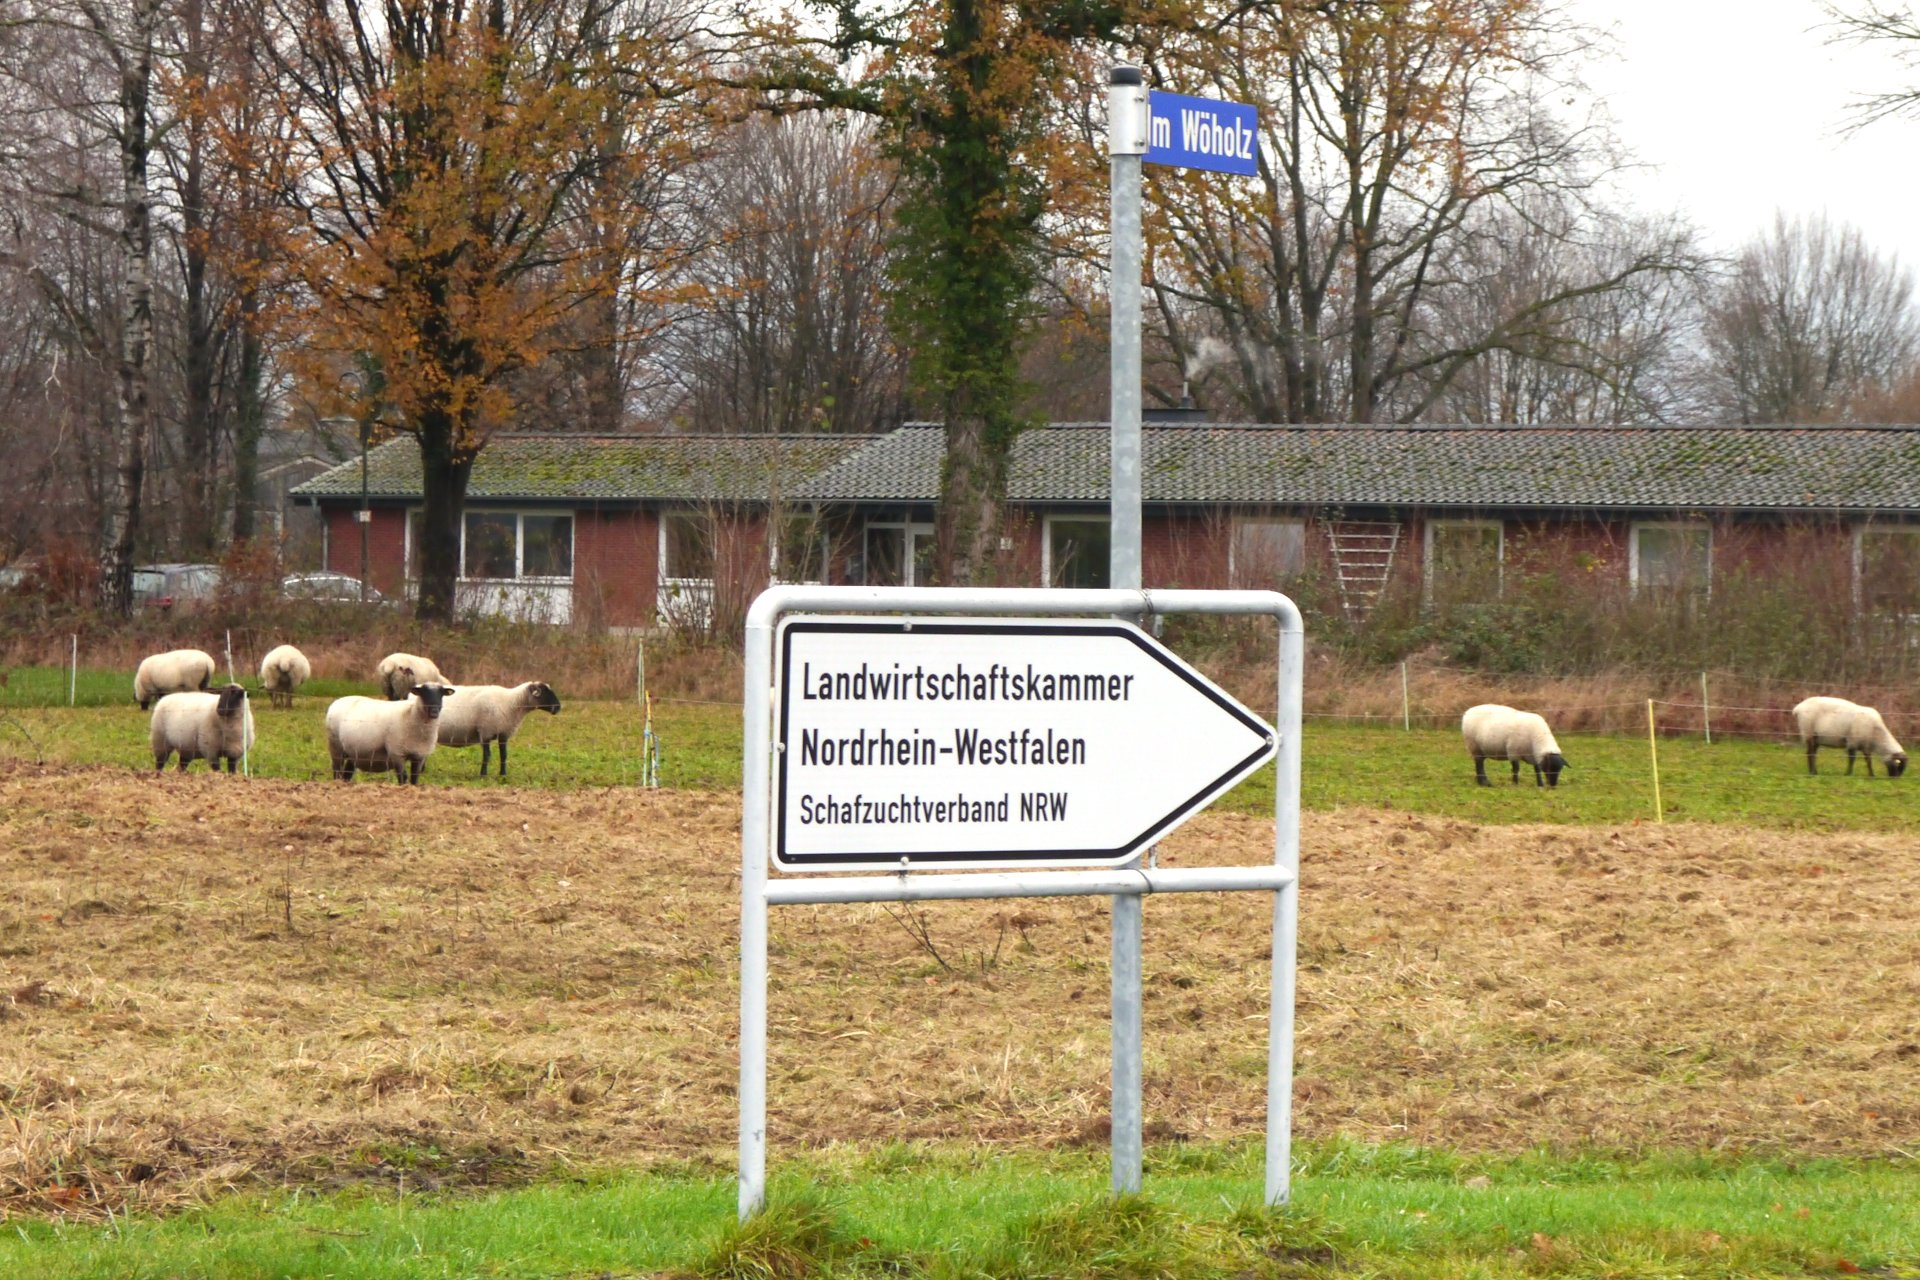 Foto: Hinweisschild zur Geschäftsstelle des Schafzuchtverbandes NRW in Lippstadt Eickelborn (© Markus Barkhausen)